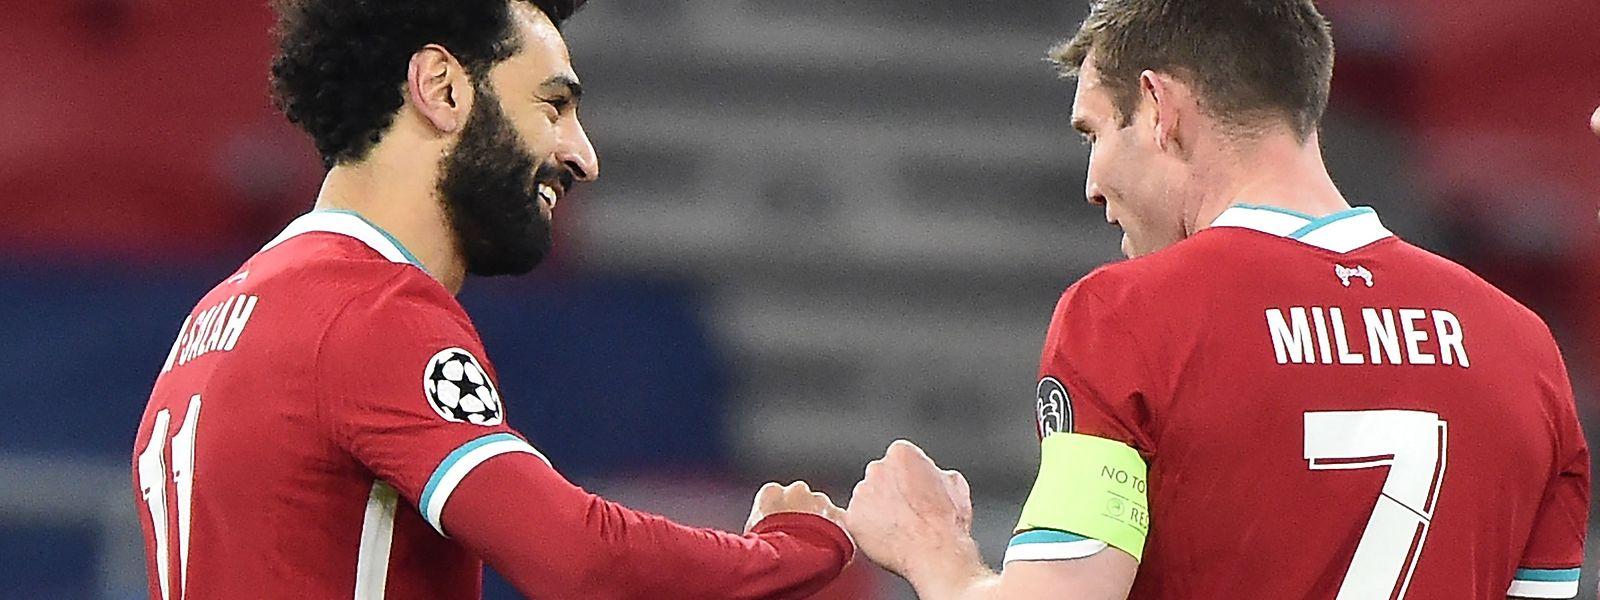 Freude bei den Liverpool-Spielern: Mohamed Salah und James Milner.